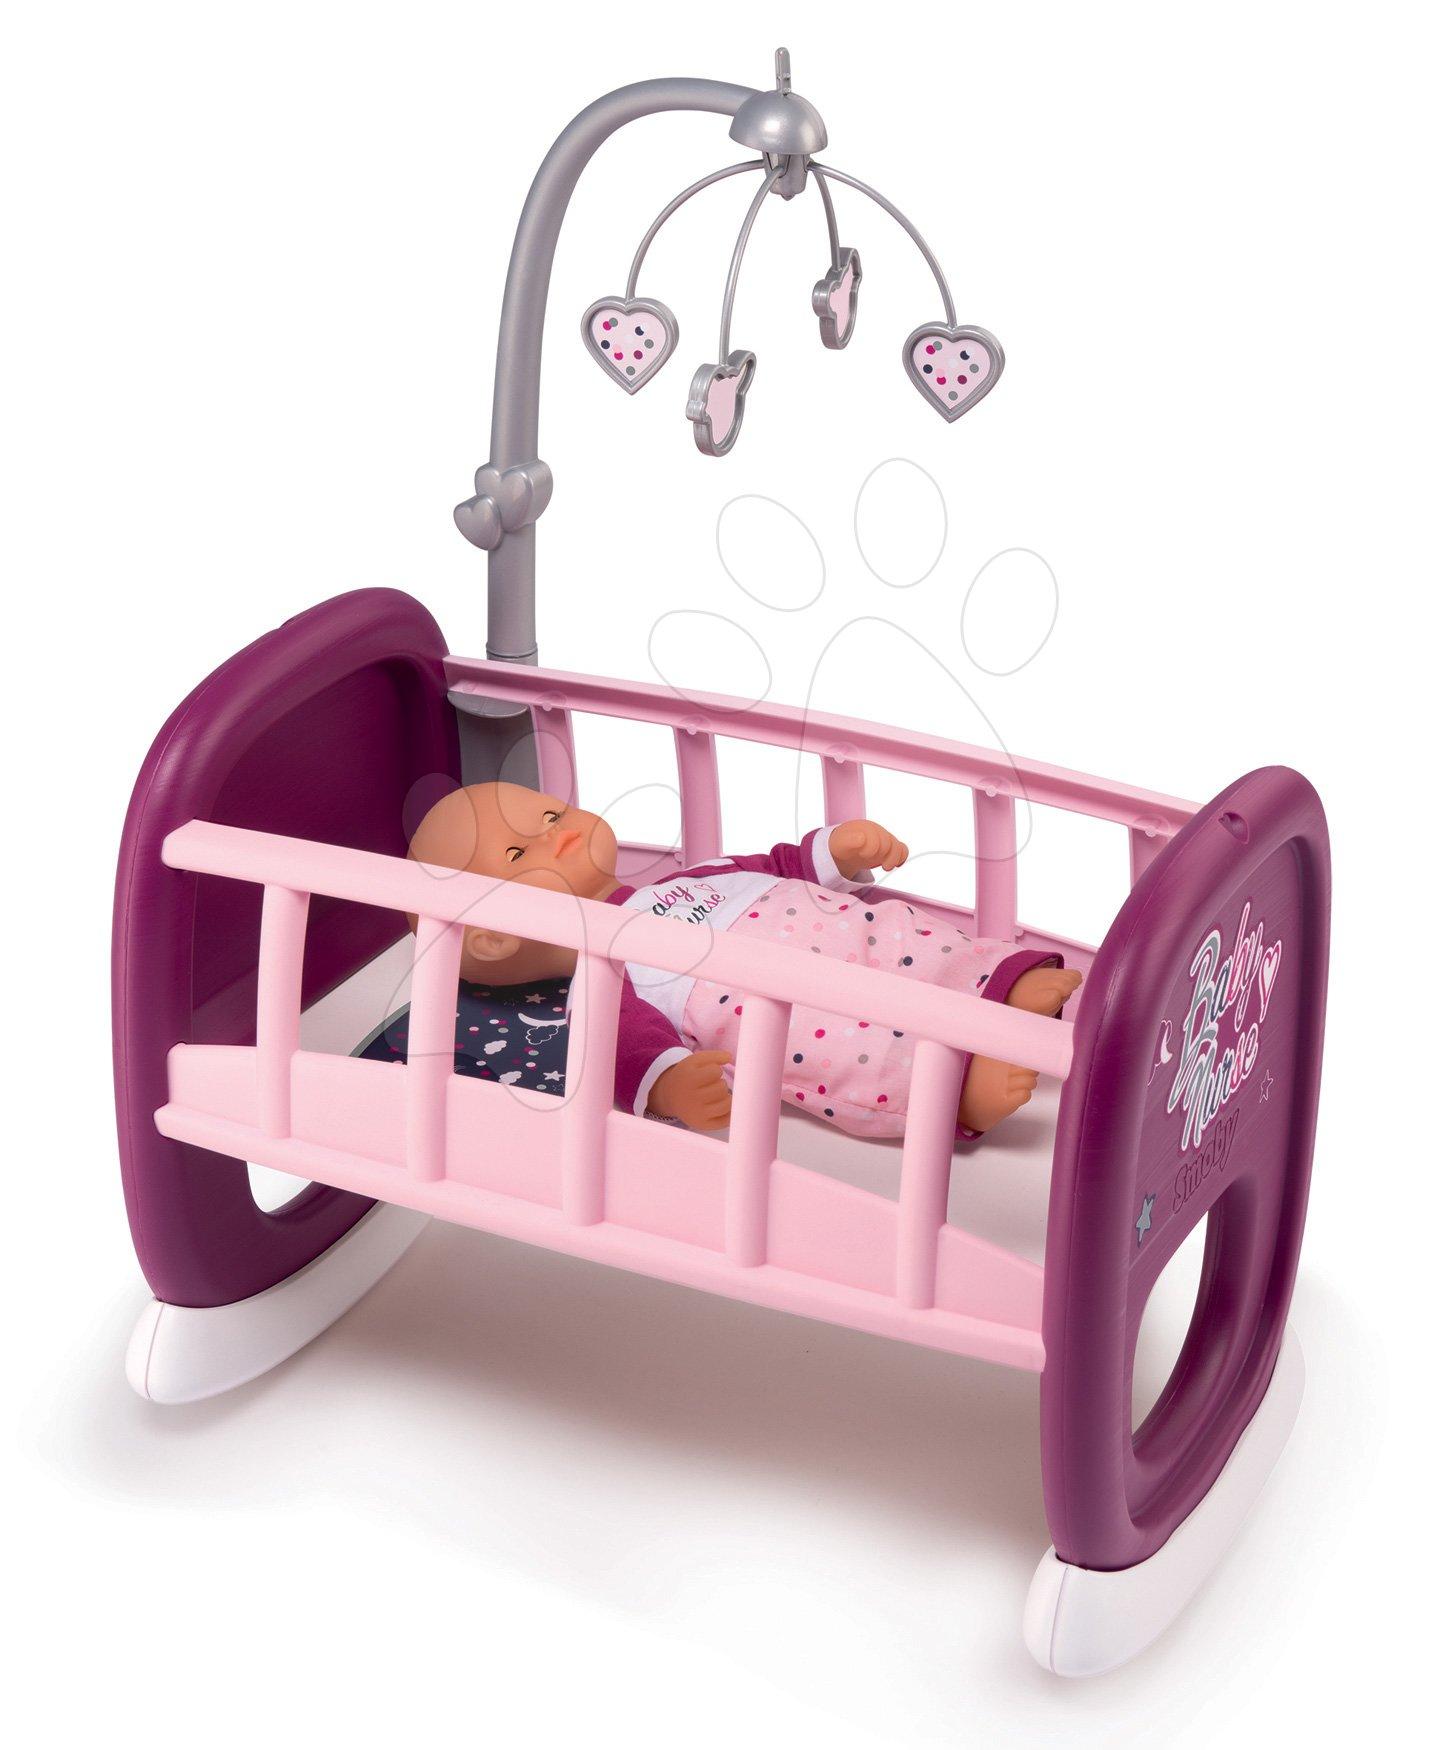 Postýlky a kolébky pro panenky - Kolébka s kolotočem Violette Baby Nurse Smoby pro panenky od 18 měsíců